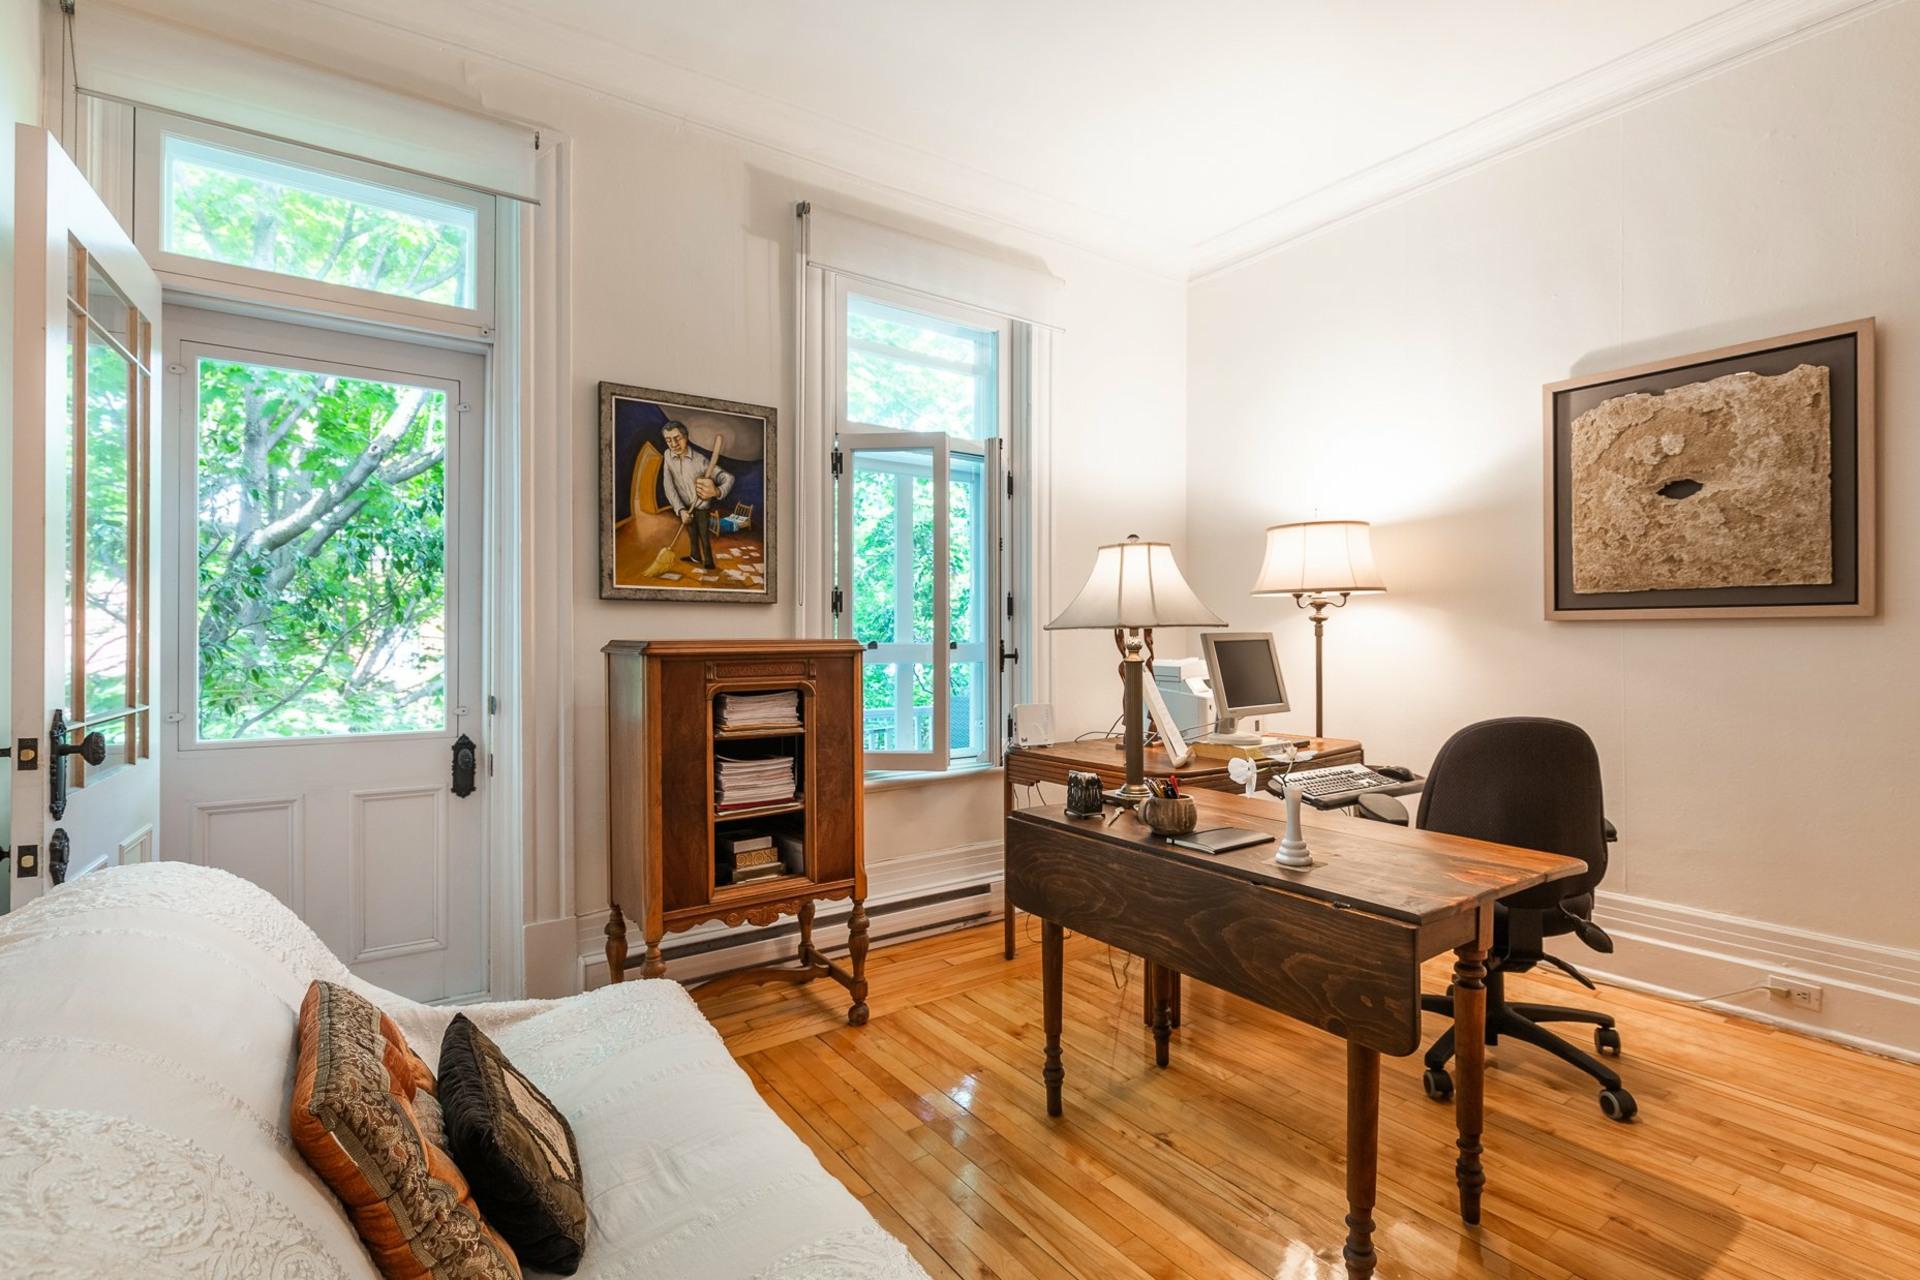 image 4 - Apartment For sale Le Plateau-Mont-Royal Montréal  - 8 rooms